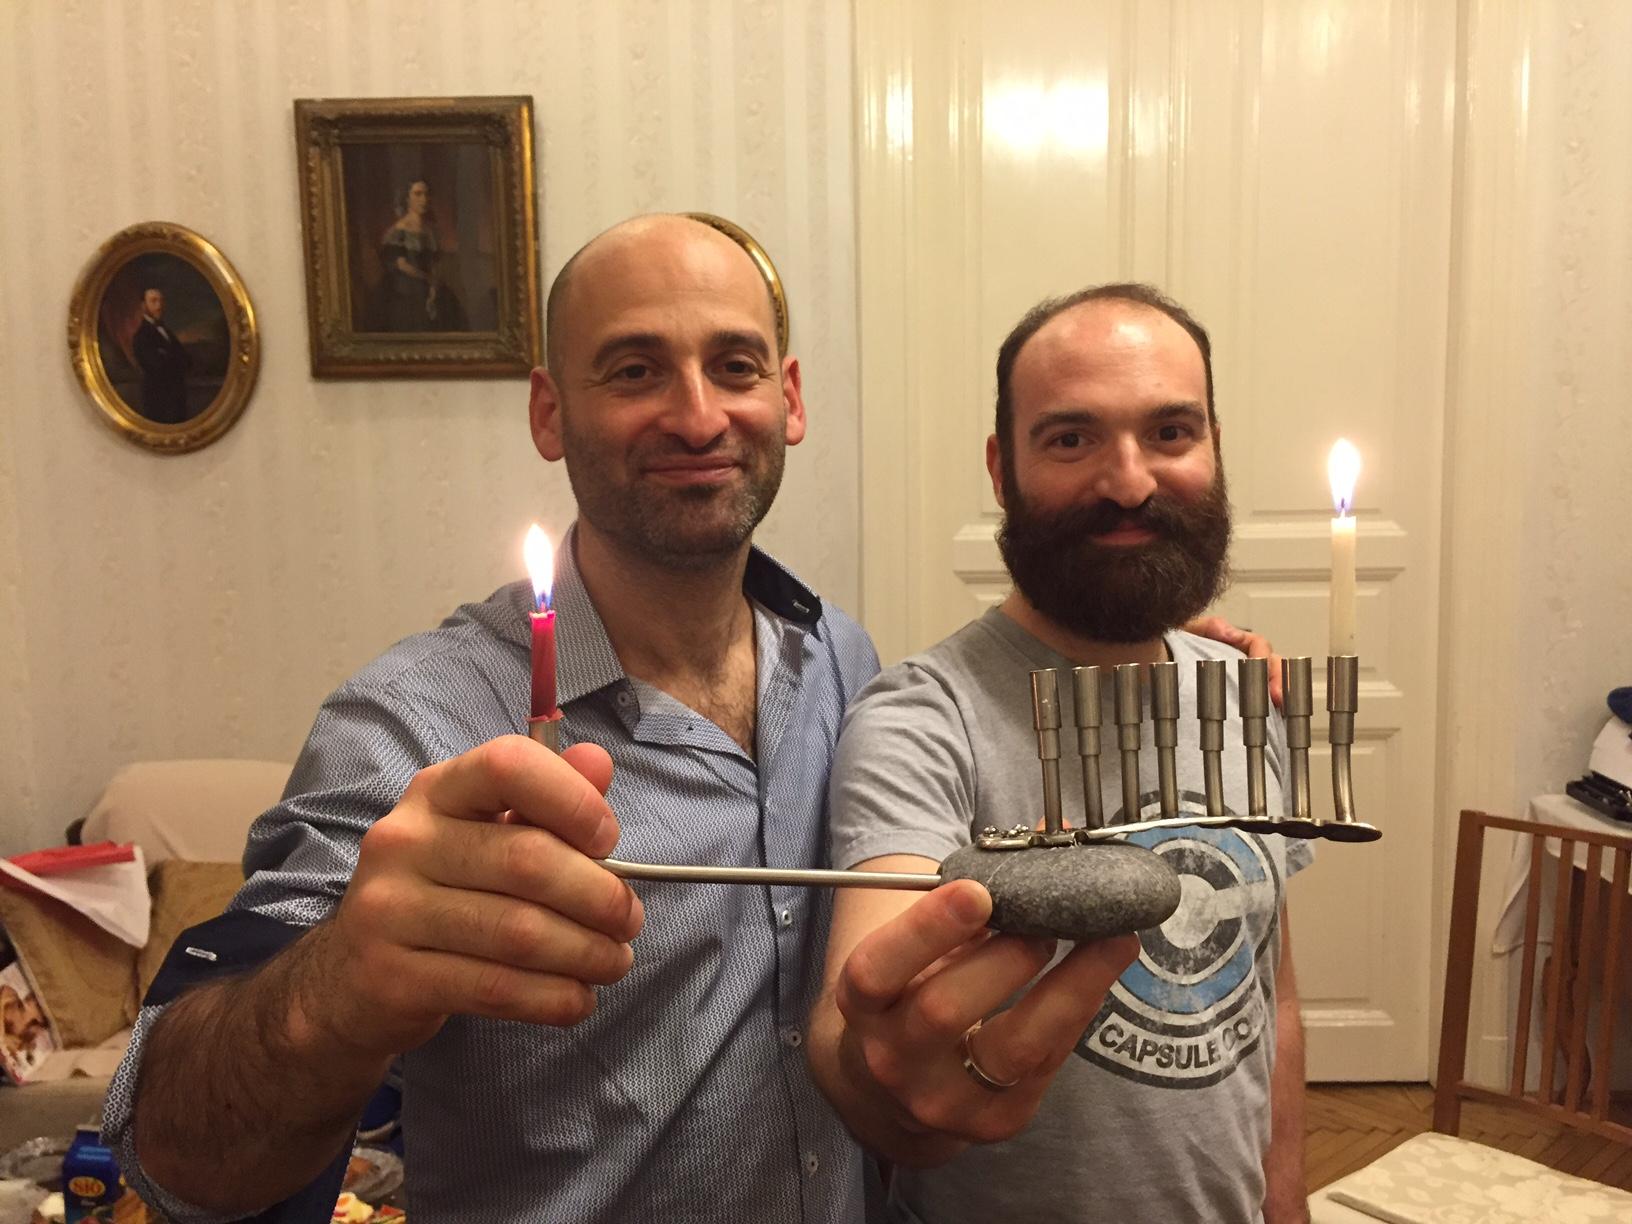 A zsidóságba visszavezető időkapszula